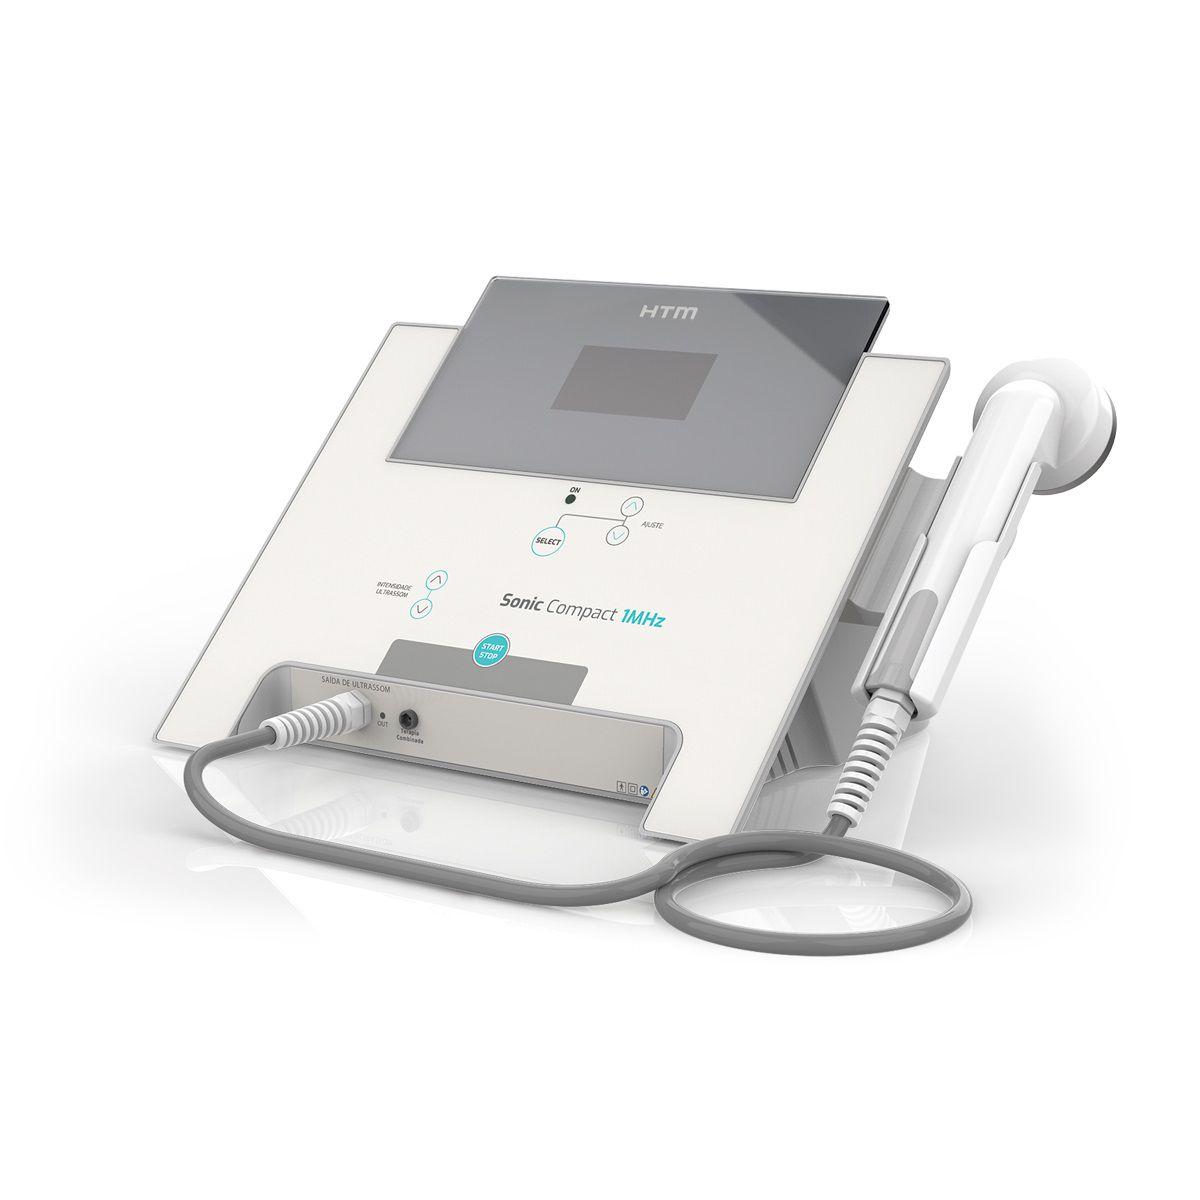 NOVO Sonic Compact 1 MHz aparelho de Ultrassom HTM